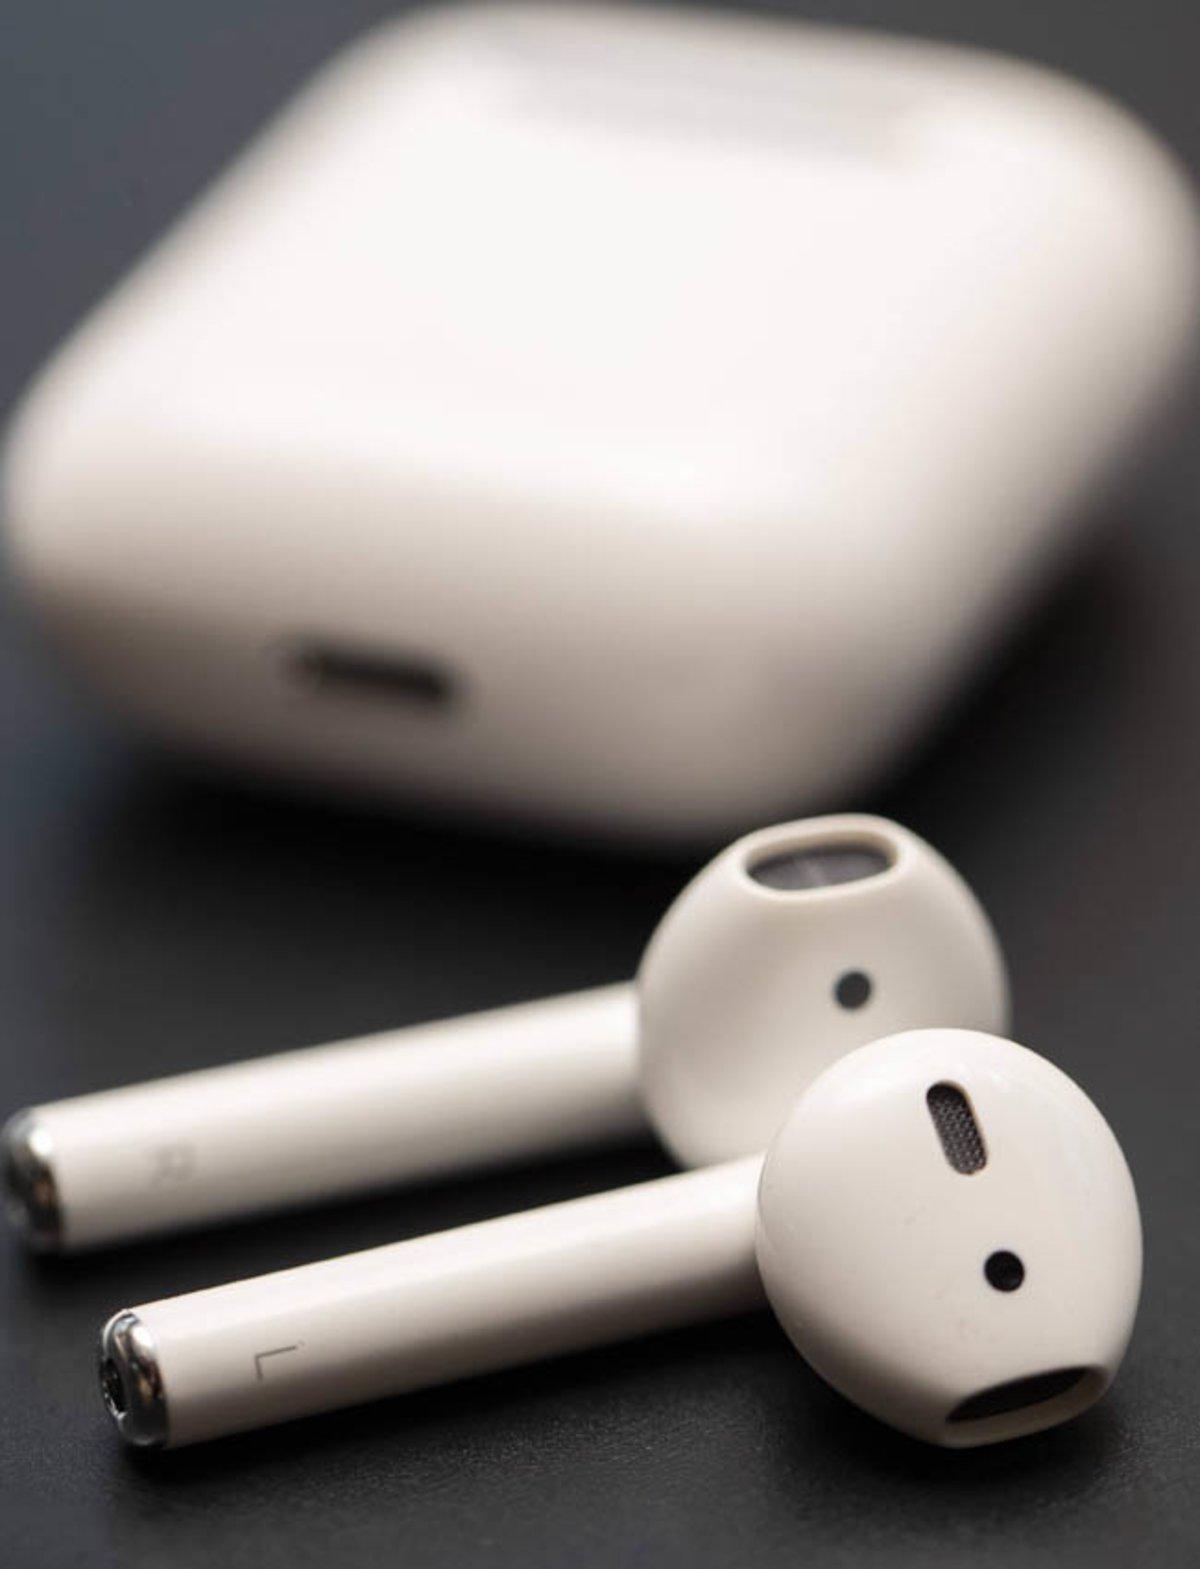 Preisknaller am Black Friday: So kriegt ihr die Apple AirPods sensationell billig